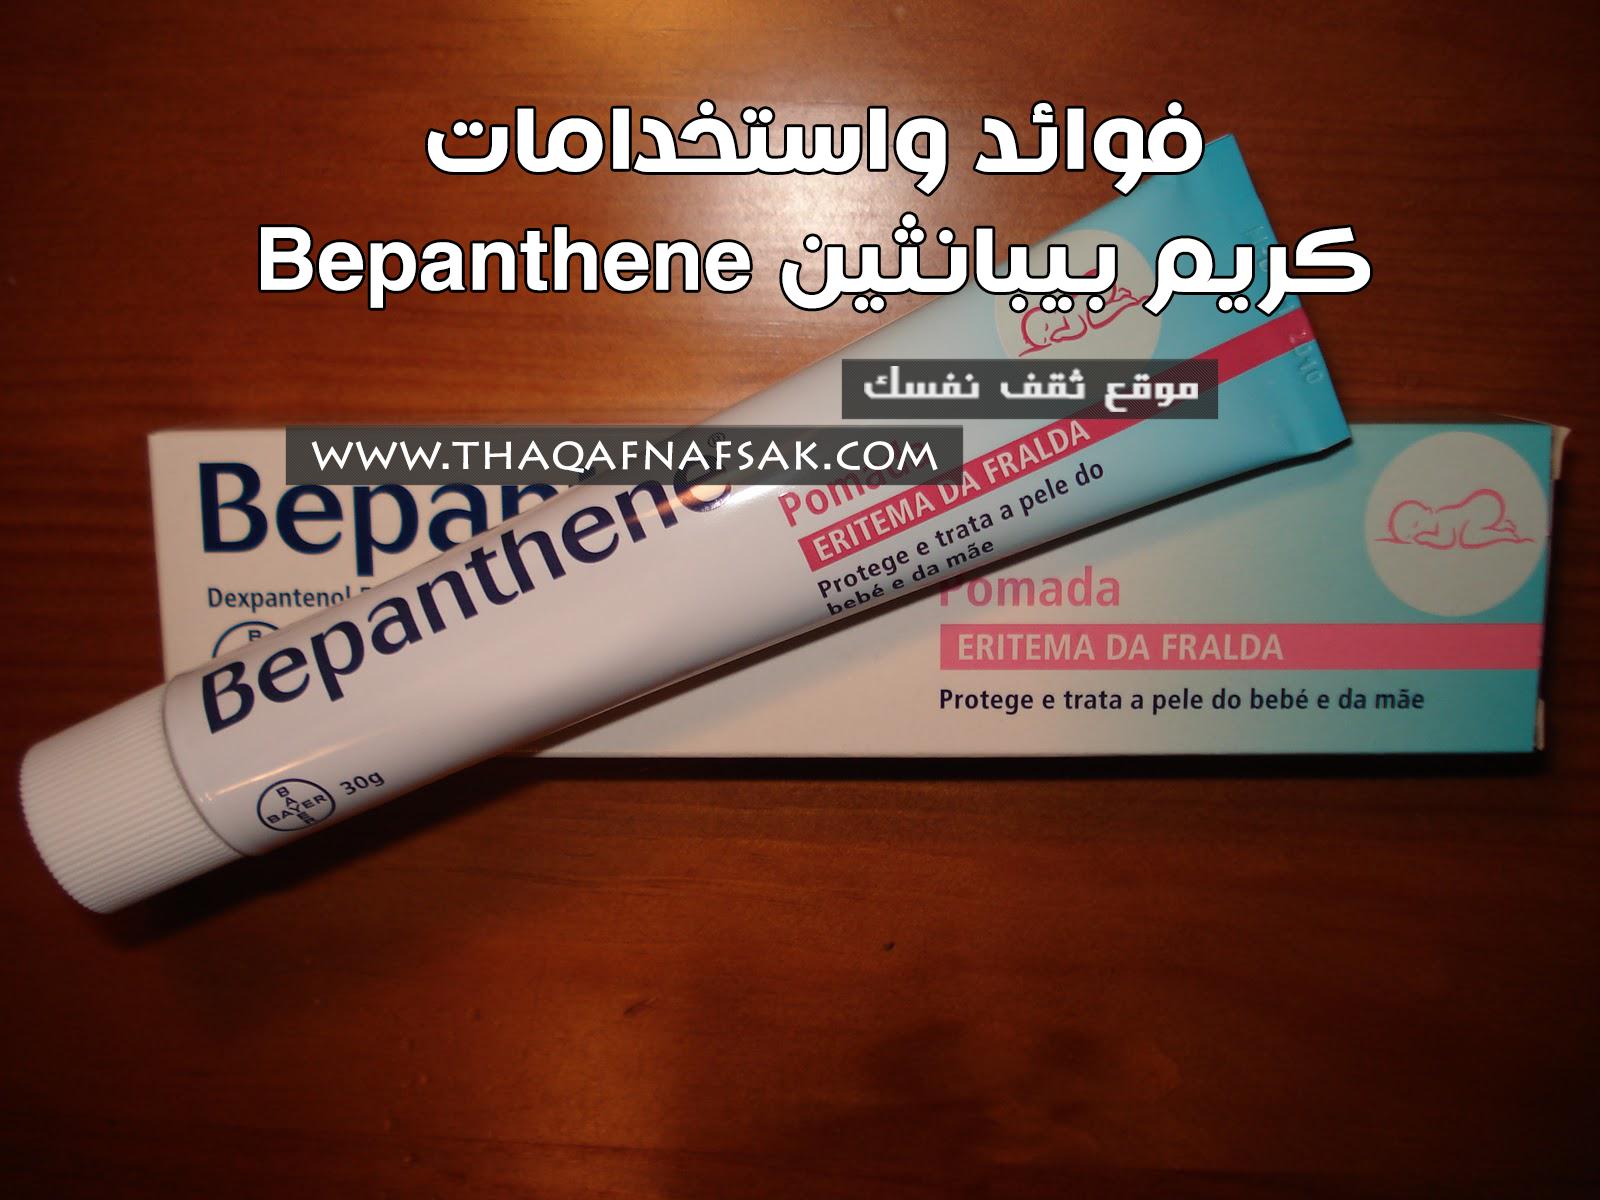 كريم بيبانثين Bepanthene